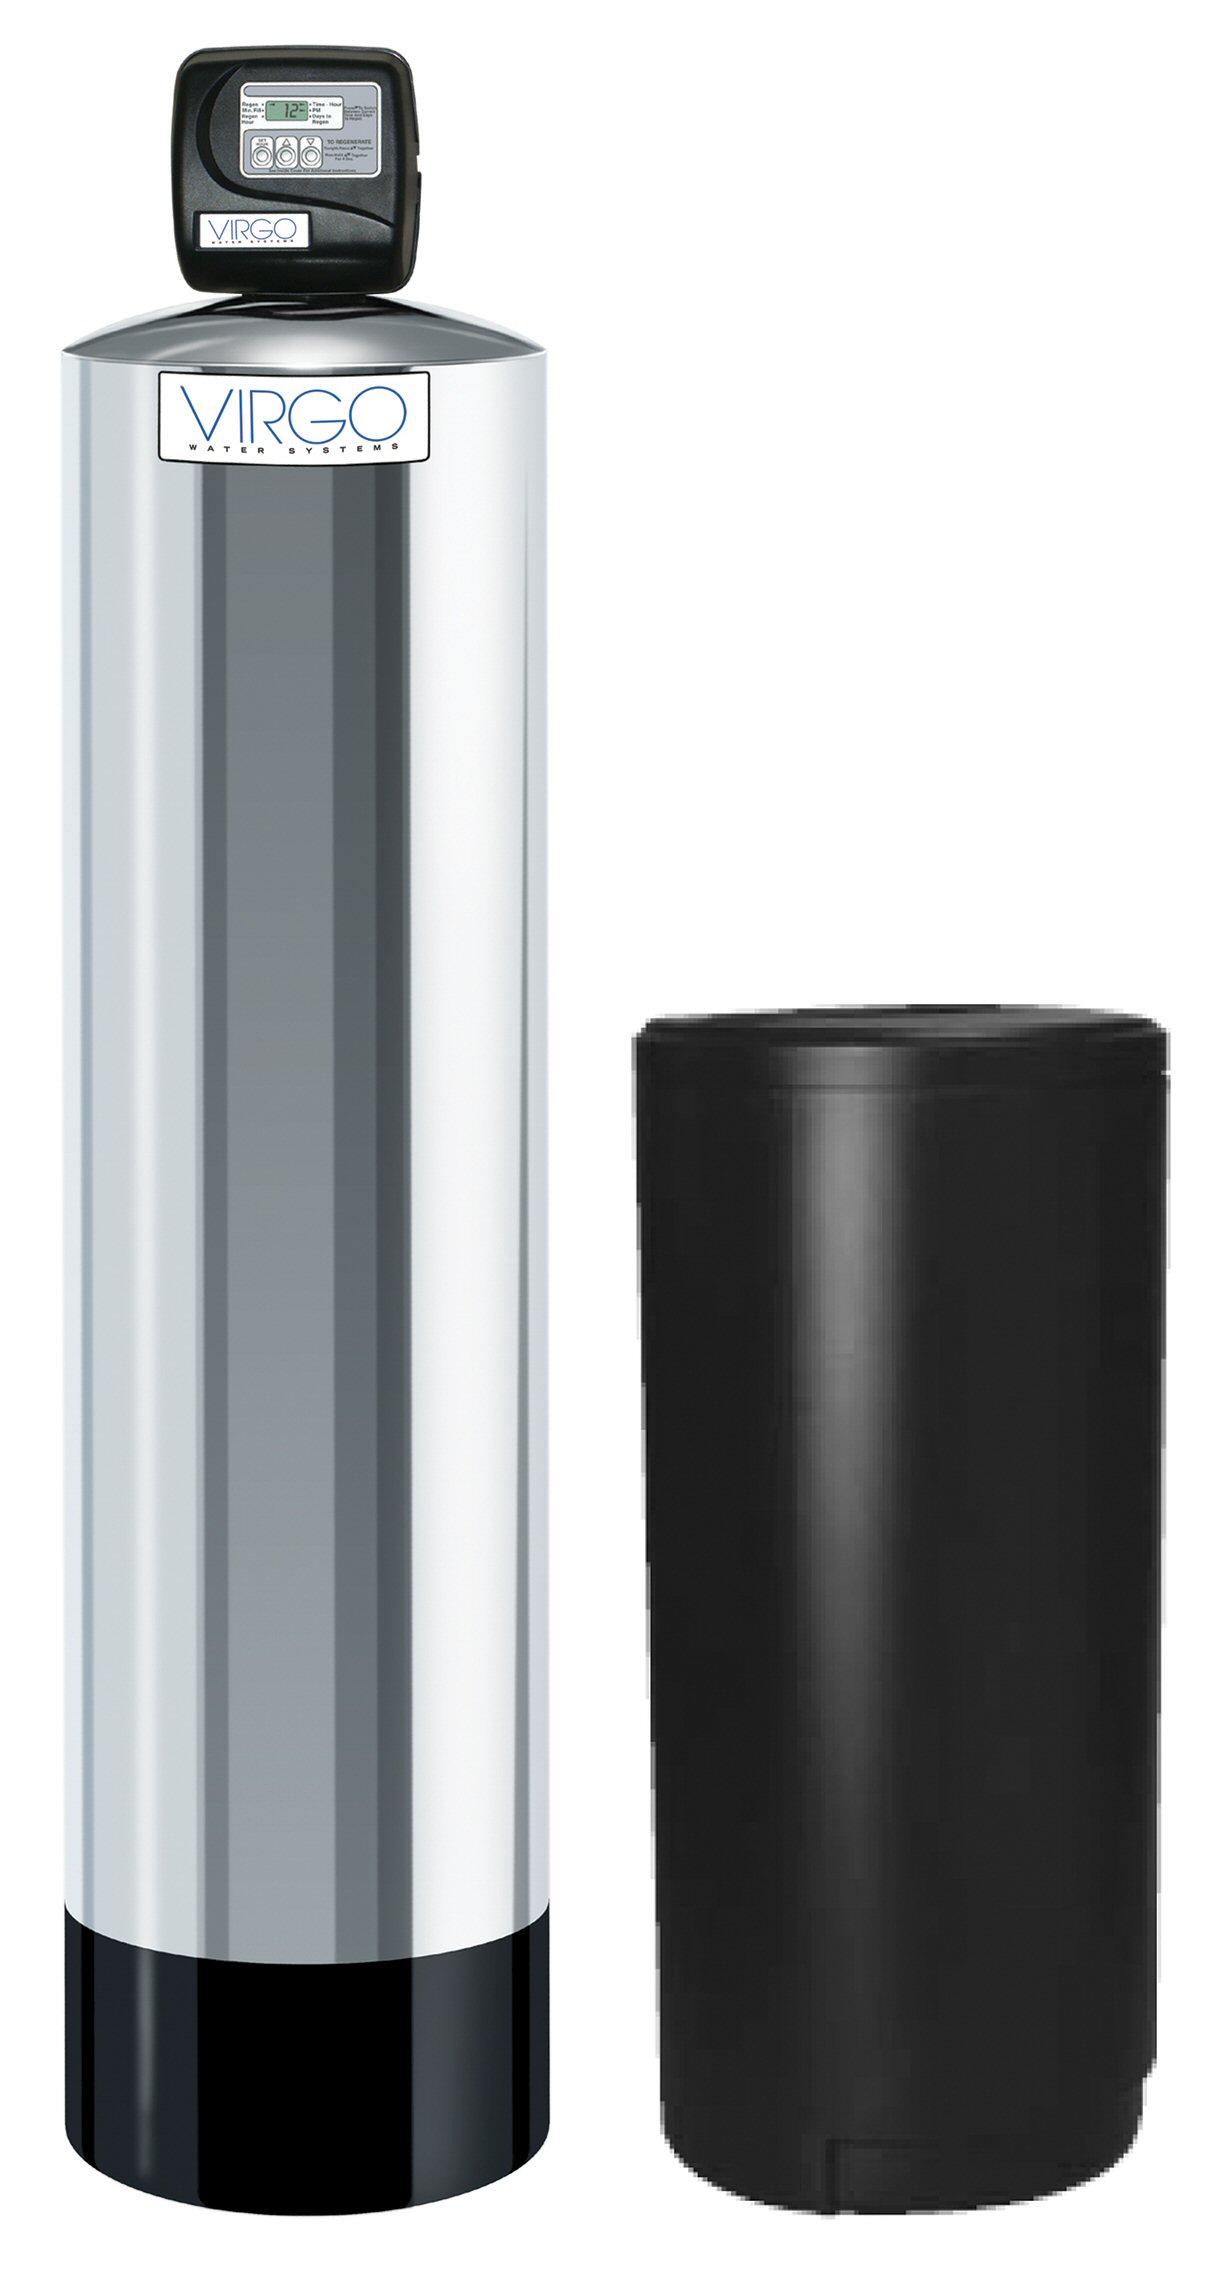 GT - Virgo Water Softening System - VIRGO CLEAR VSOFT-100